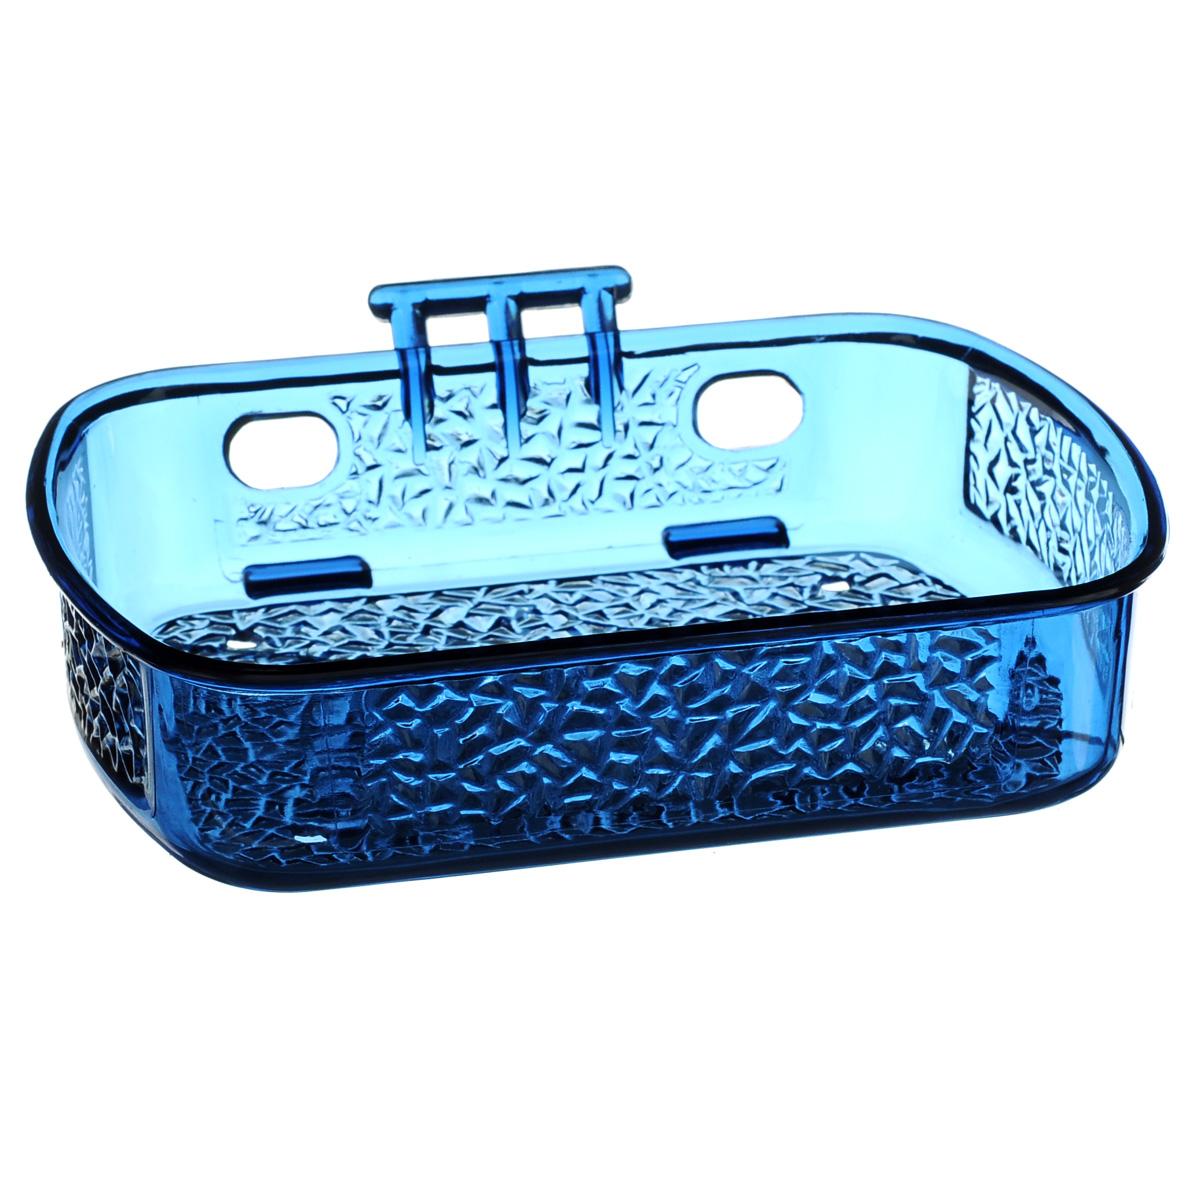 Мыльница Fresh Code, на липкой основе, цвет: синий, 13 см х 10 см64946Мыльница для ванной комнаты Fresh Code, выполнена из цветного пластика. Крепление на липкой ленте многократного использования идеально подходит для гладкой поверхности. Такая мыльница прекрасно подойдет для интерьера ванной комнаты.